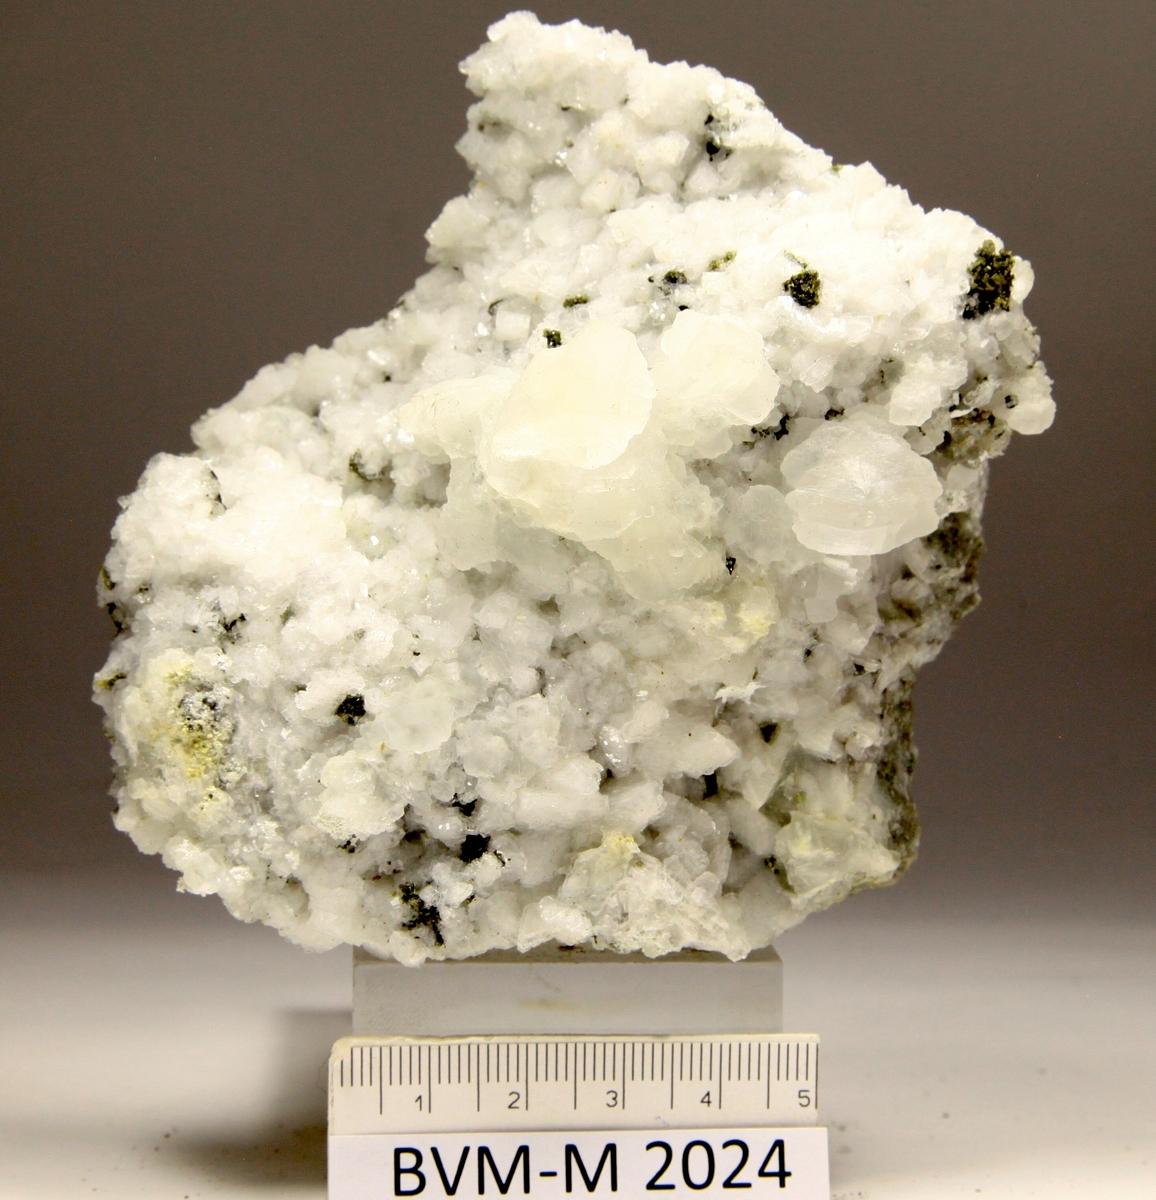 Bunter av mikro-titanittkrystaller på små ilmenittkrystaller.